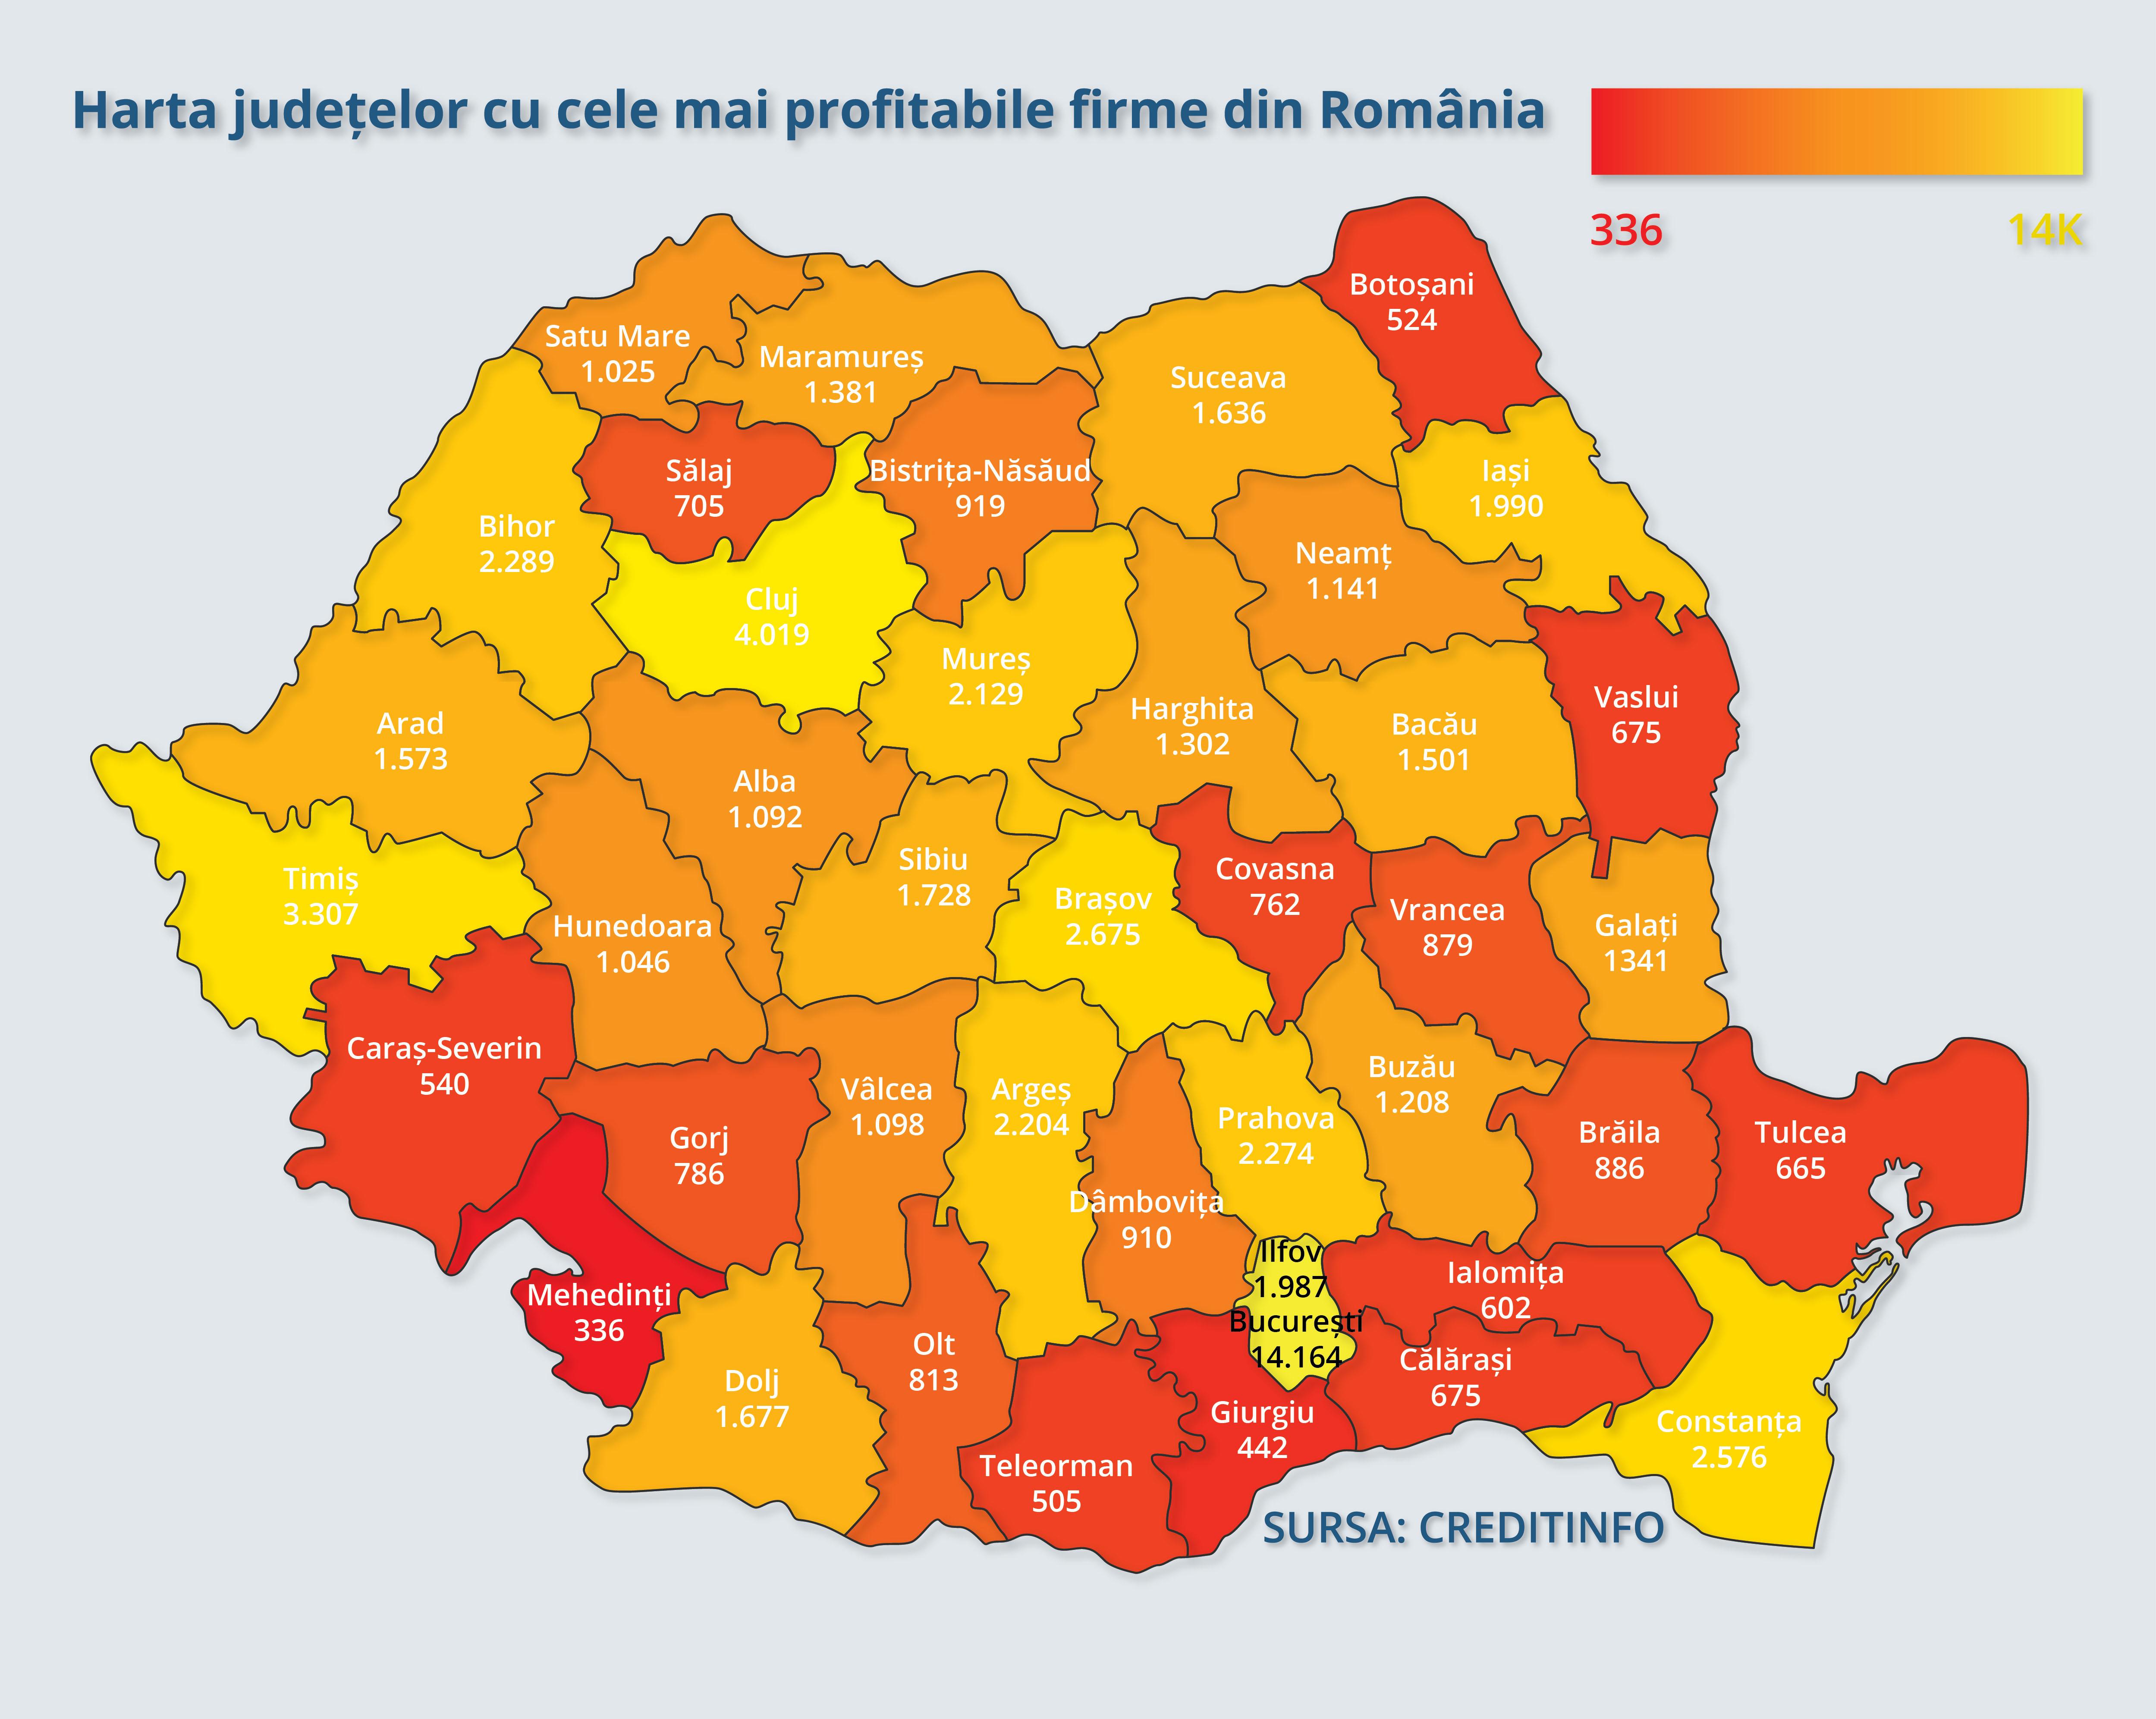 Click pentru a mari imaginea Harta judetelor cu cele mai profitabile firme din  Romania.jpg